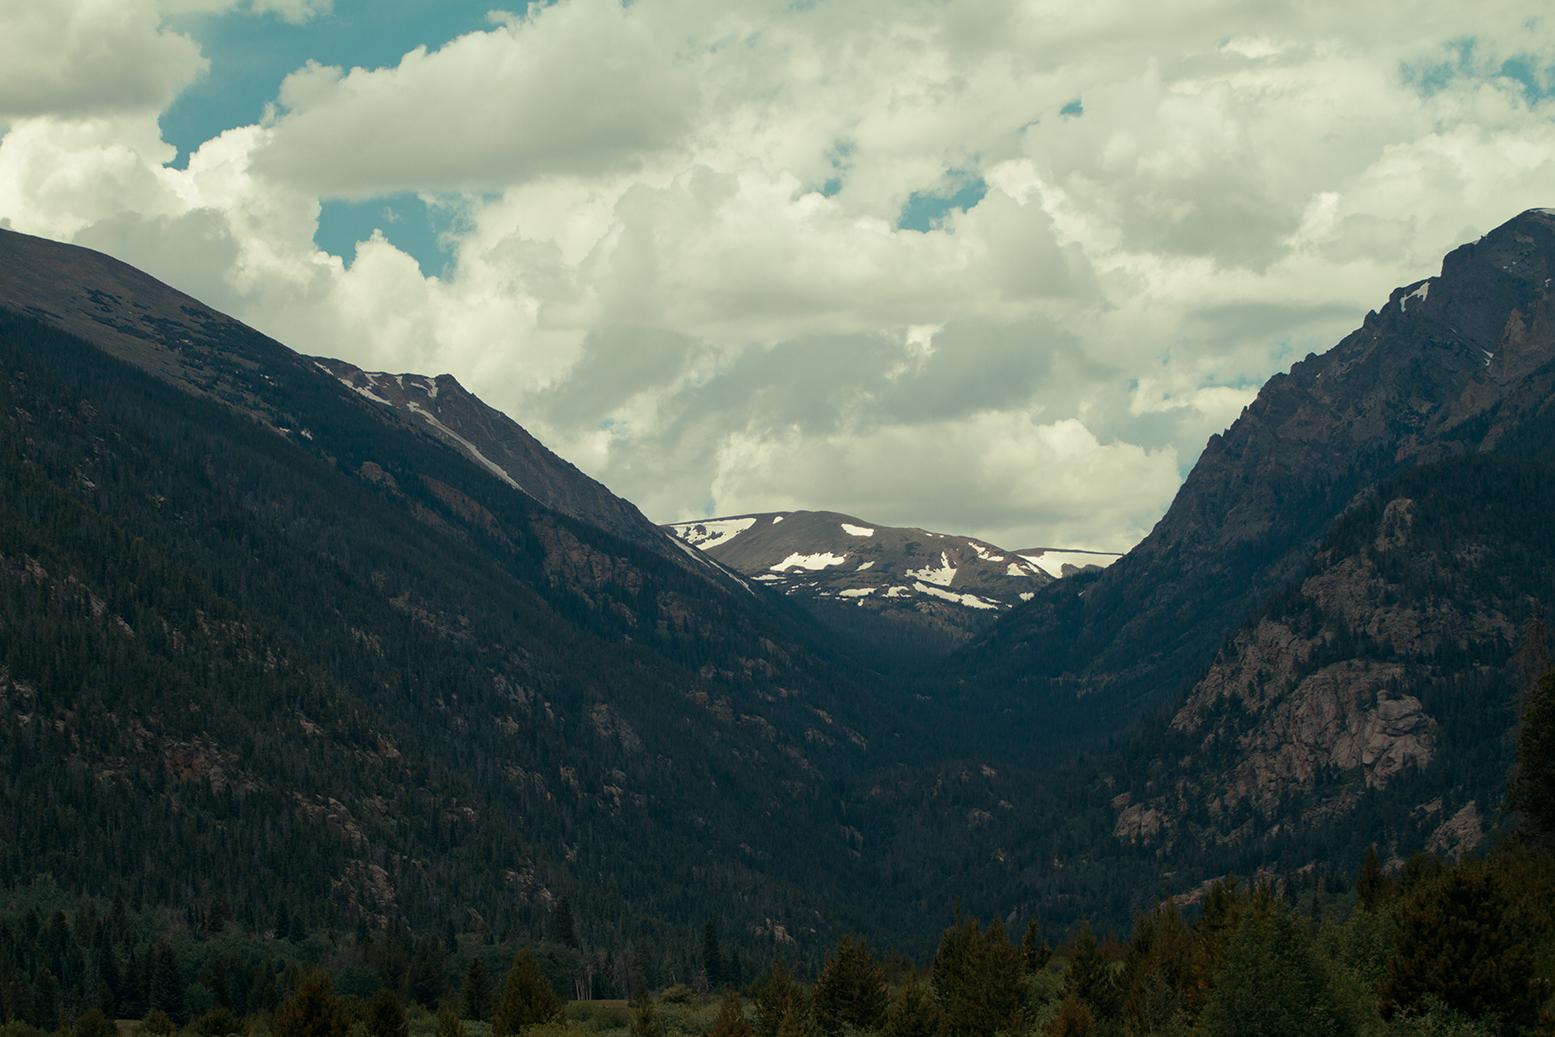 RhodesWeddingCo_Blog_Colorado_09.jpg